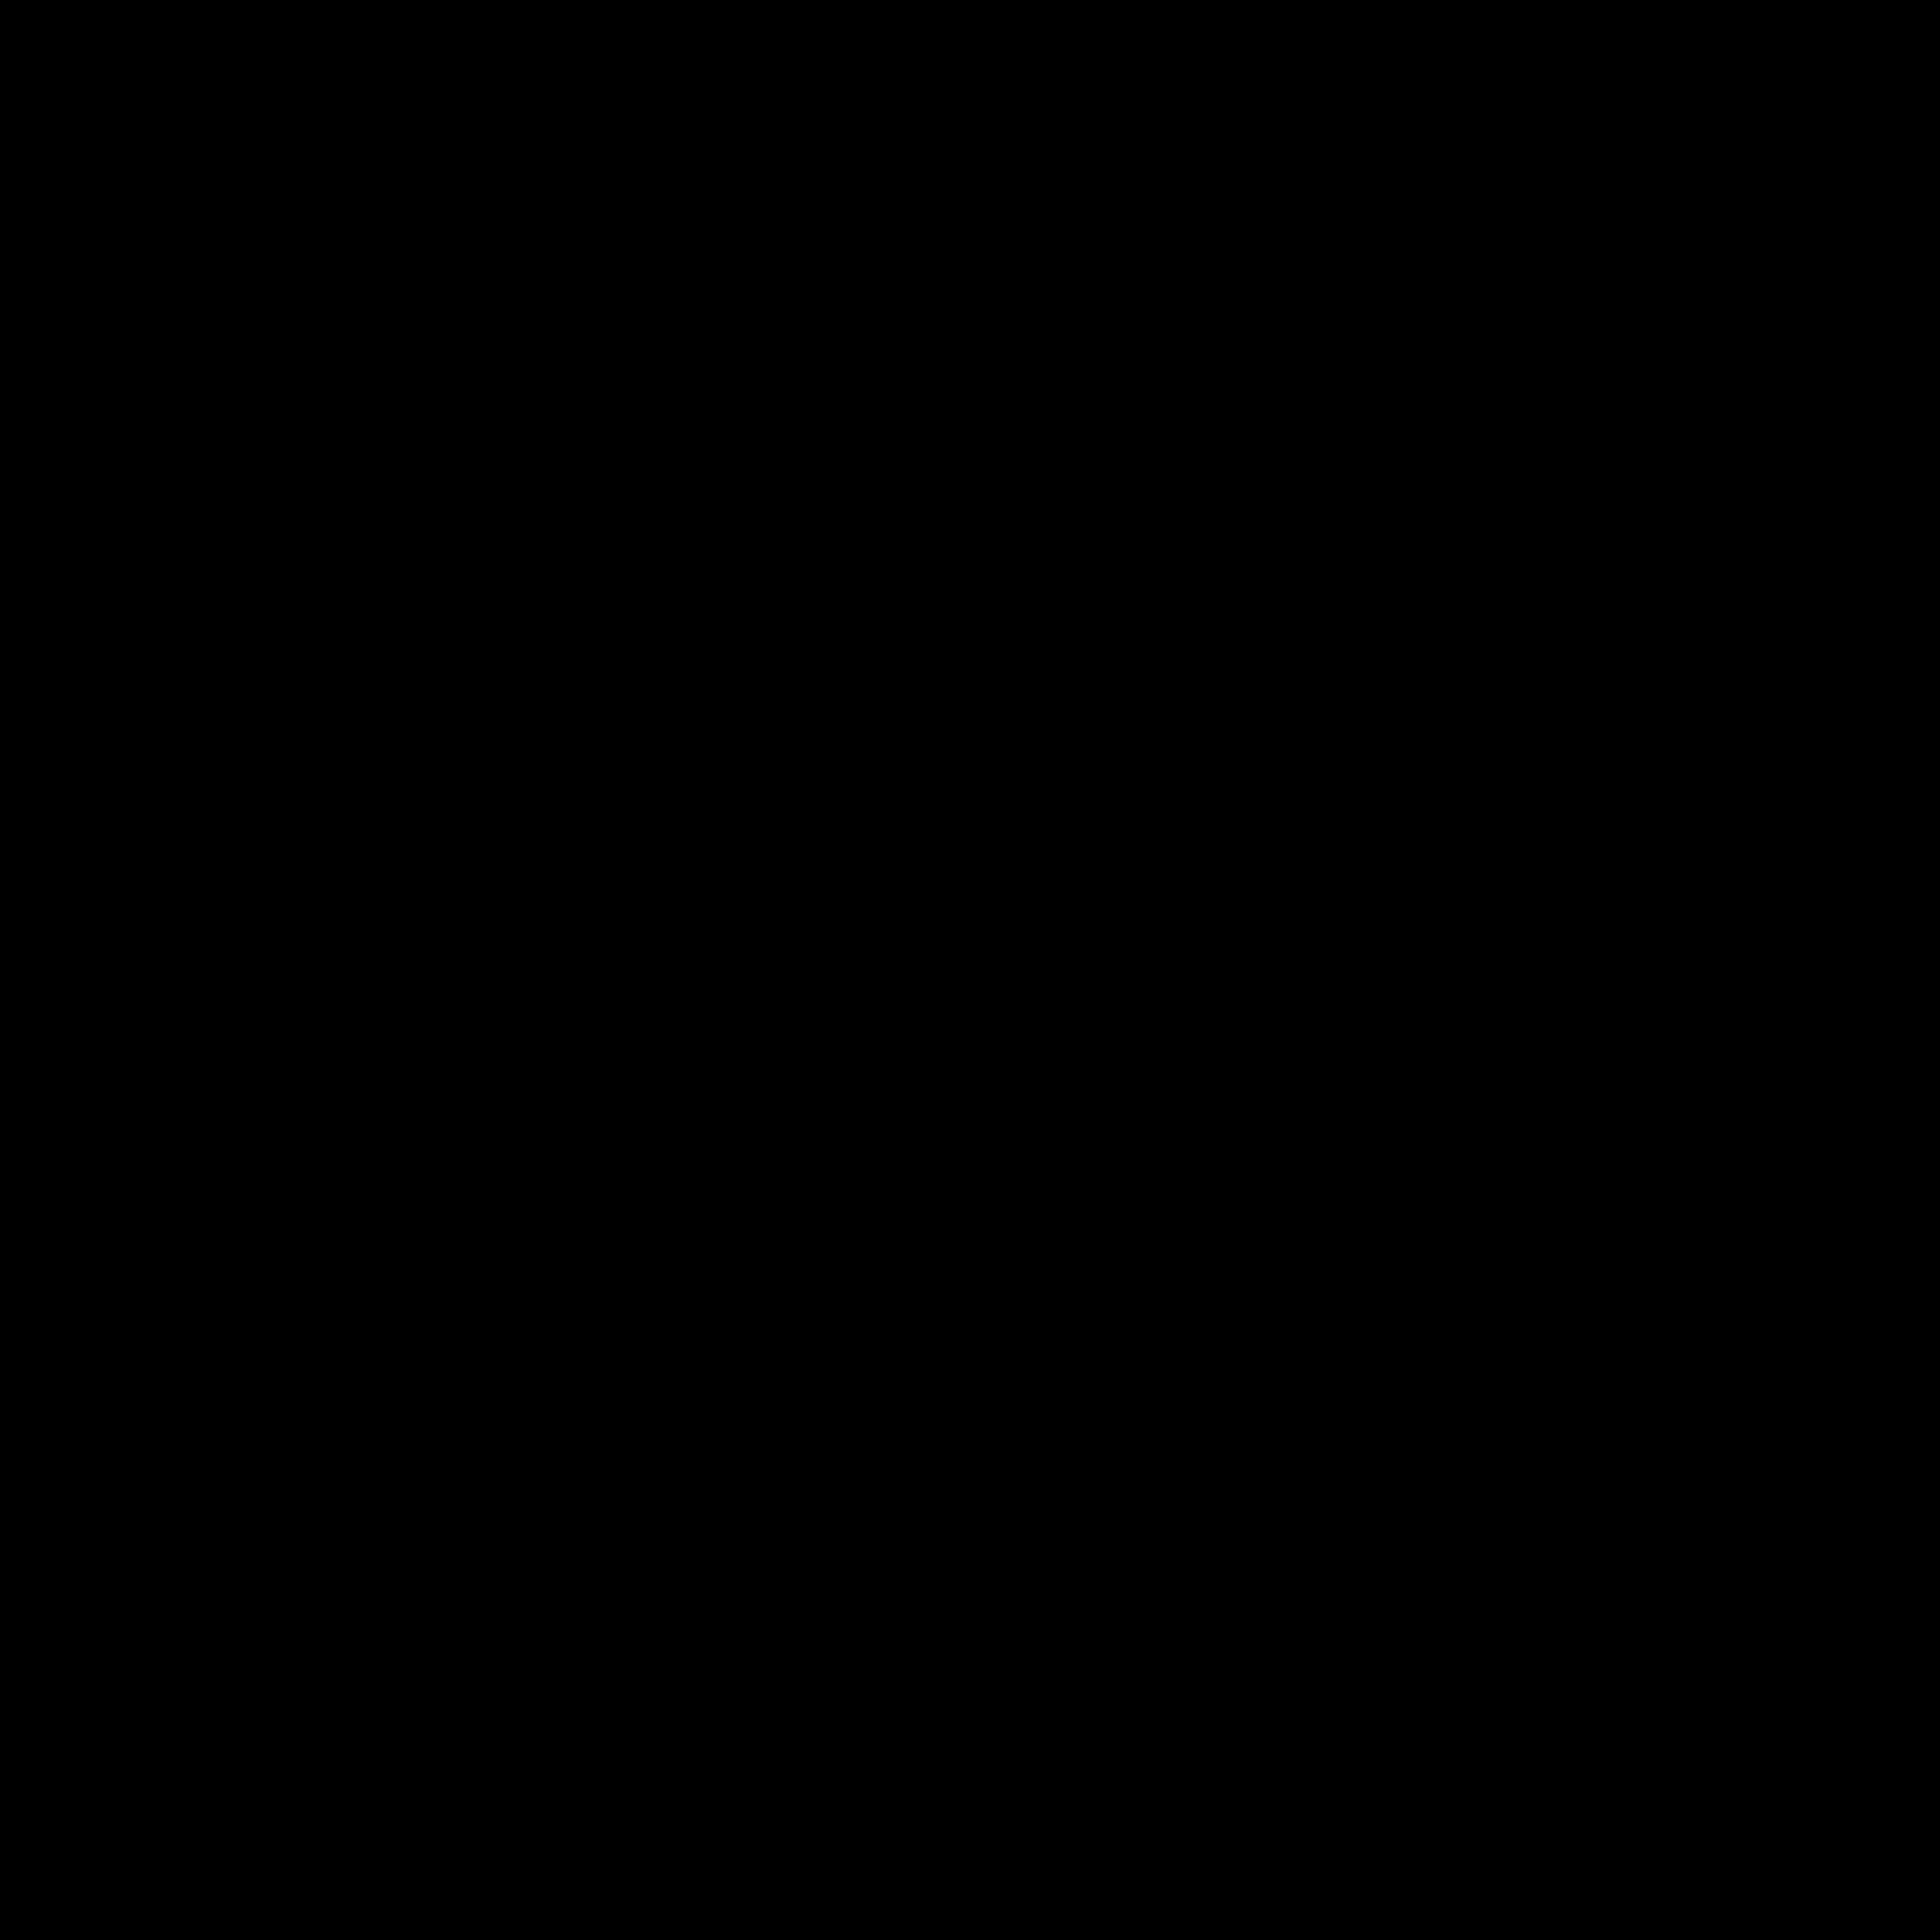 CAD - flowmeter_hc-075.